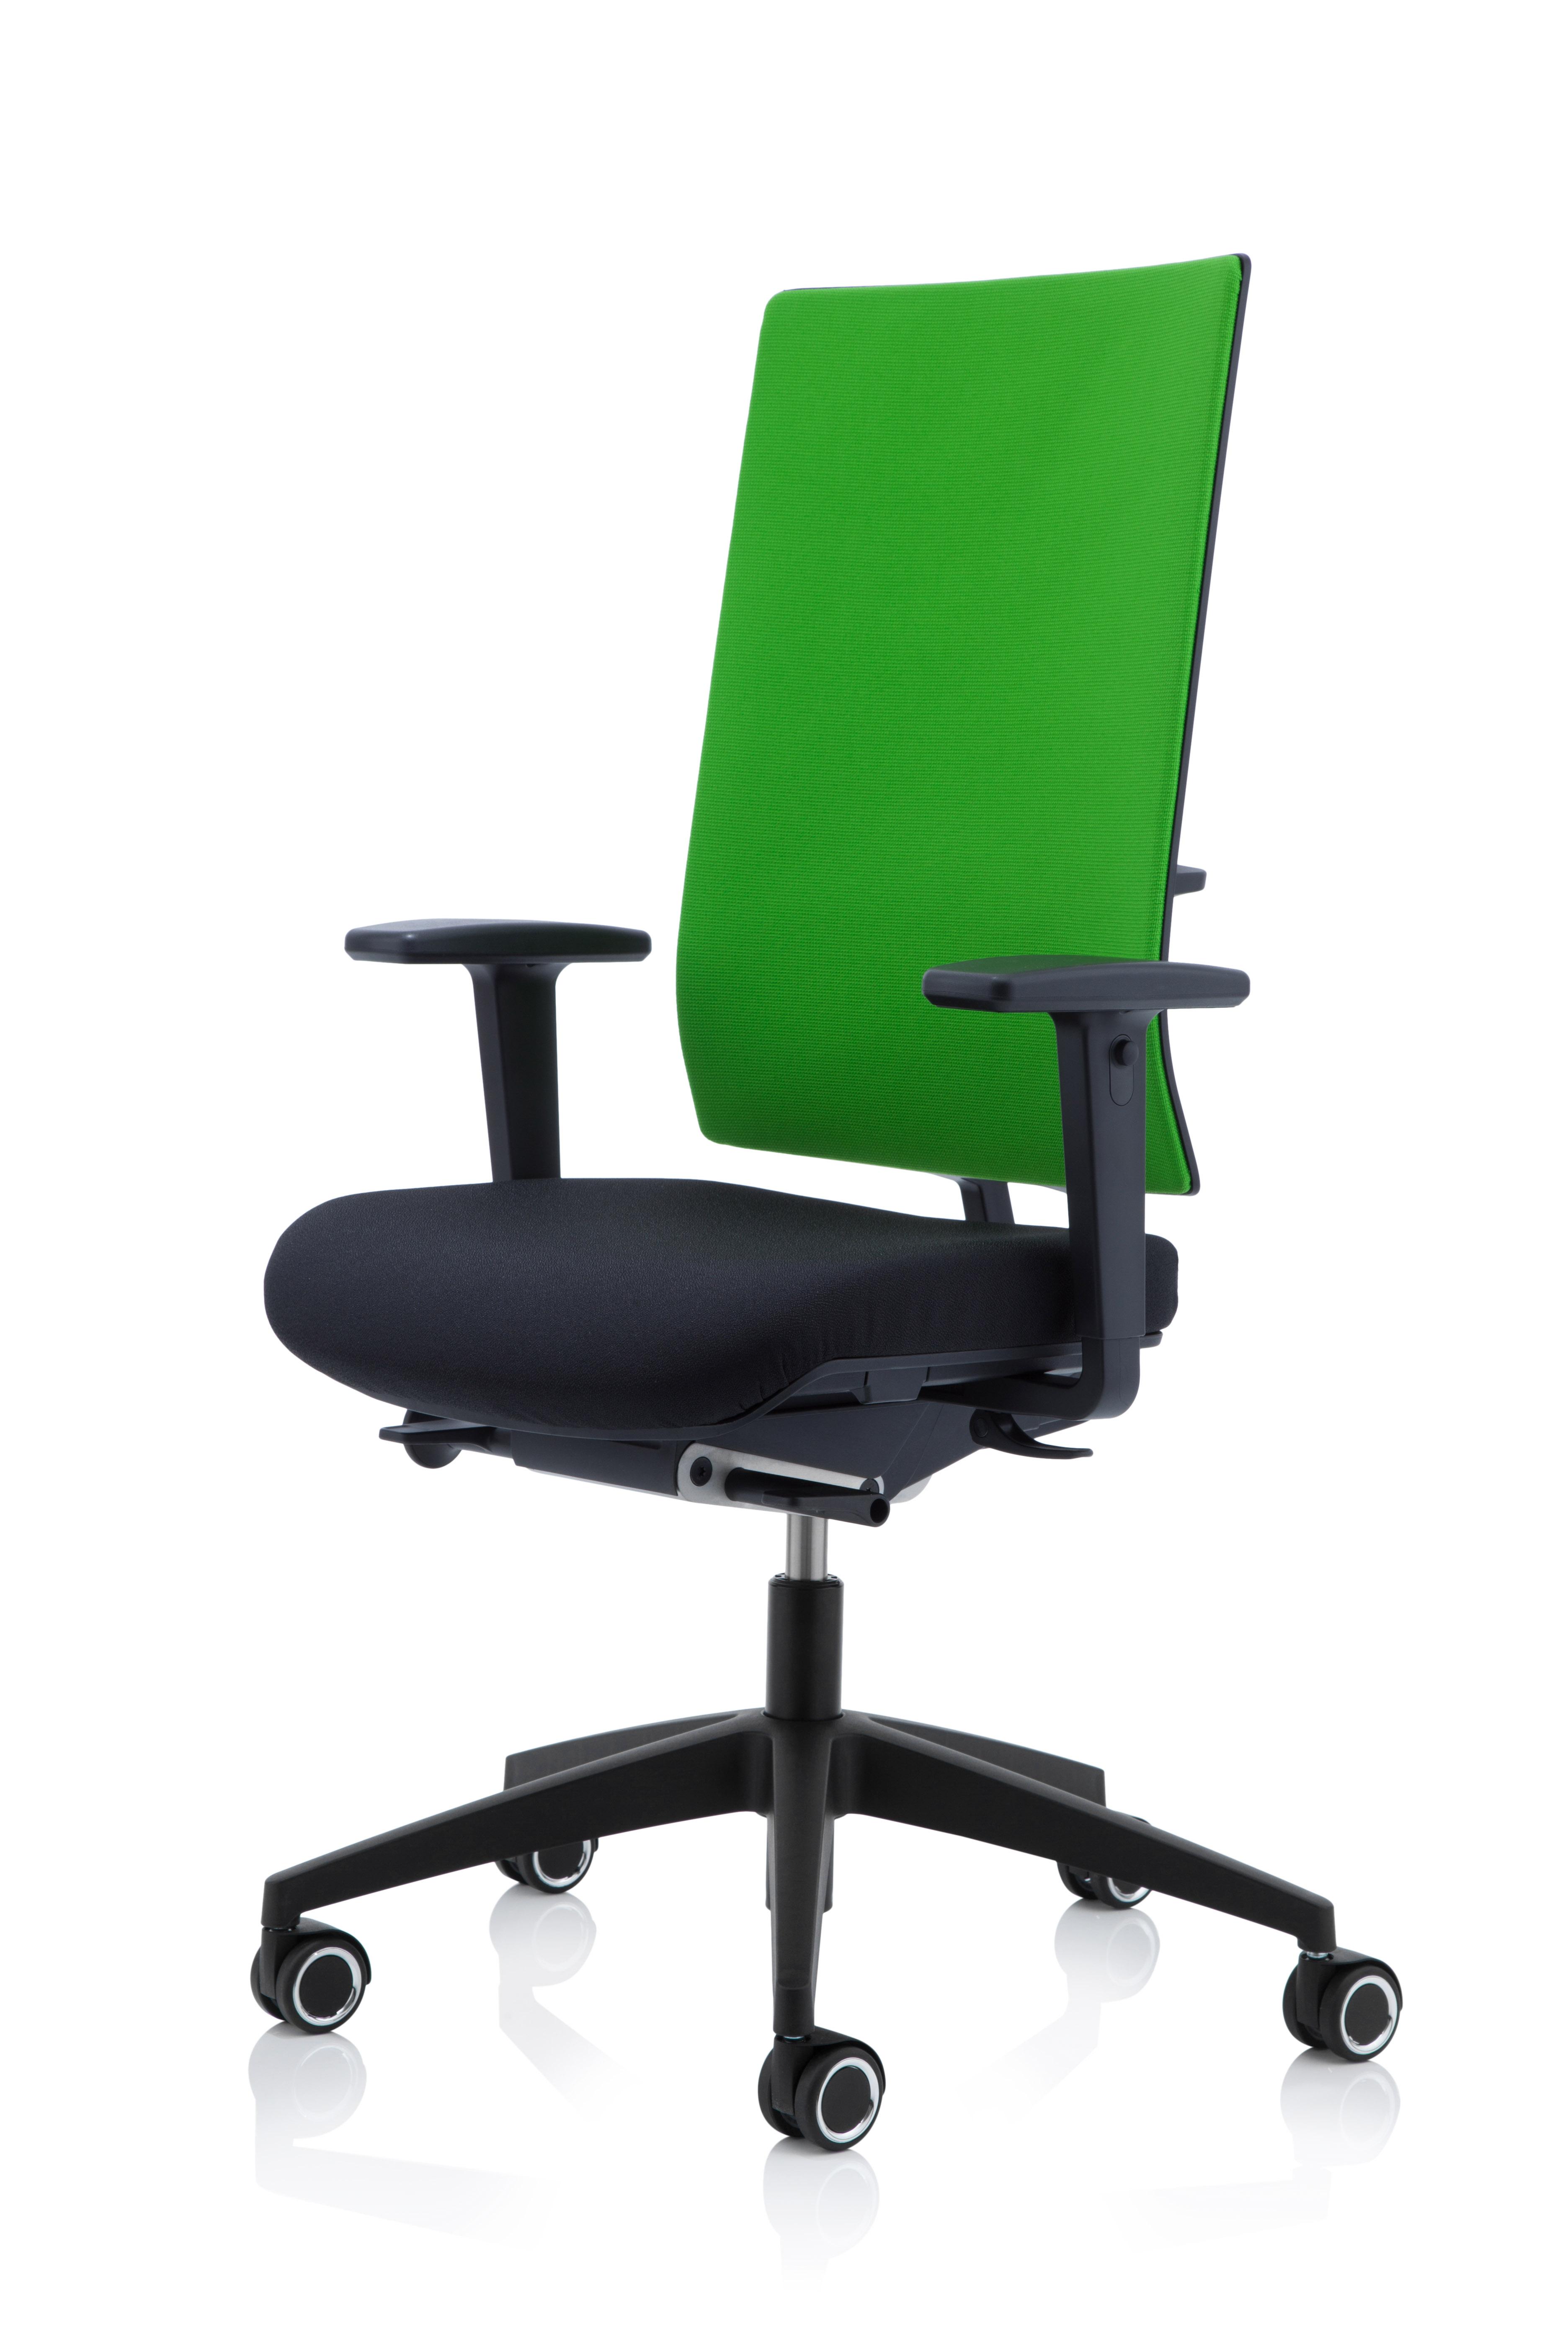 Meest Comfortabele Bureaustoel.Kohl Anteo De Comfortabele Bureaustoel Aanbevolen Door Boom